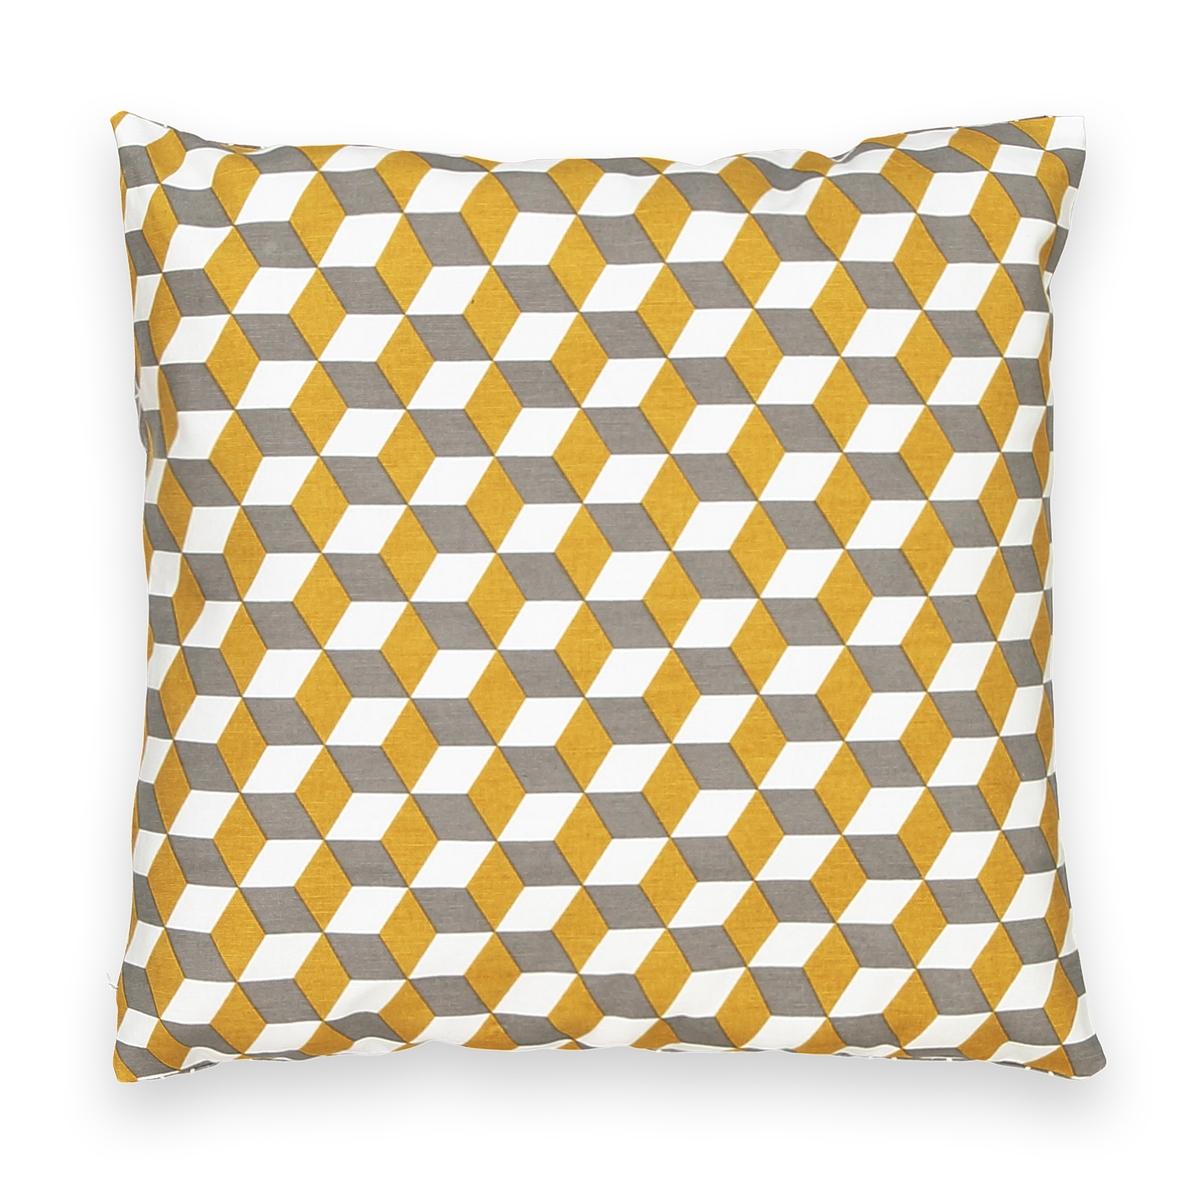 Чехол для подушкиЧехол для подушки Decio. Красивый геометрический рисунок с одной стороны, однотонный белый цвет с другой стороны. Застежка на скрытую молнию в тон. Стирка при 30°. 100% хлопка. Размер: 40 х 40 см.<br><br>Цвет: бледно-зеленый/латунь,красный/ синий,медный/светло-серый,Медовый/черный,сине-зеленый/розовая пудра<br>Размер: 40 x 40  см.40 x 40  см